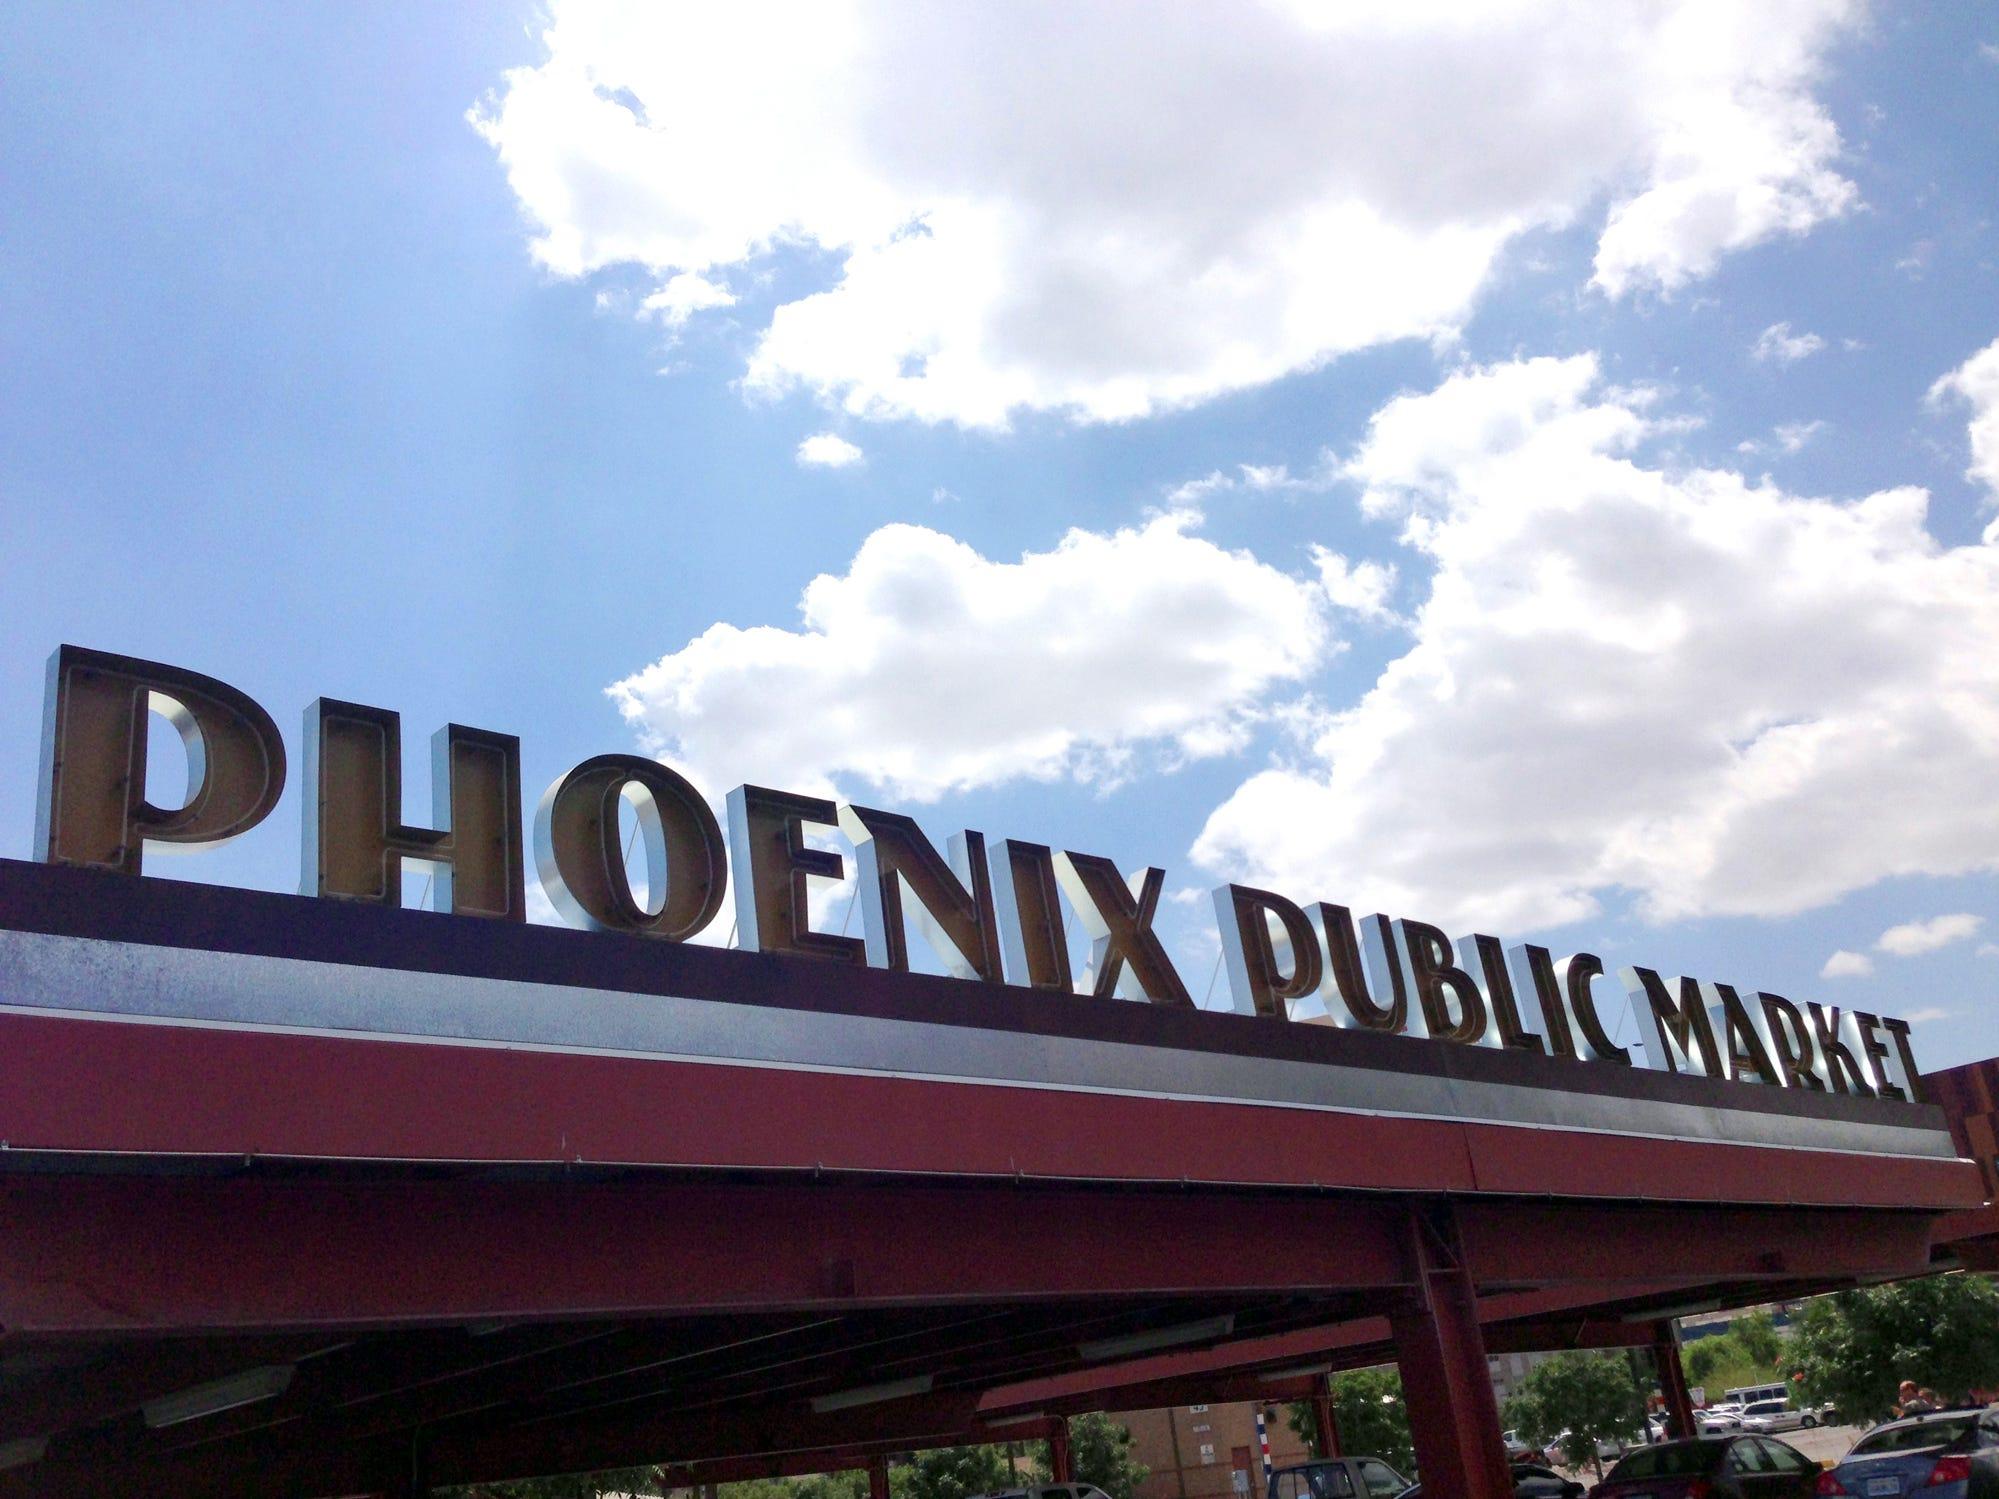 The Phoenix Public Market Cafe | Nov. 12, buy one entree, get one free. | Details: 14 E. Pierce St., Phoenix. 602-253-2700, cafe.phxpublicmarket.com.